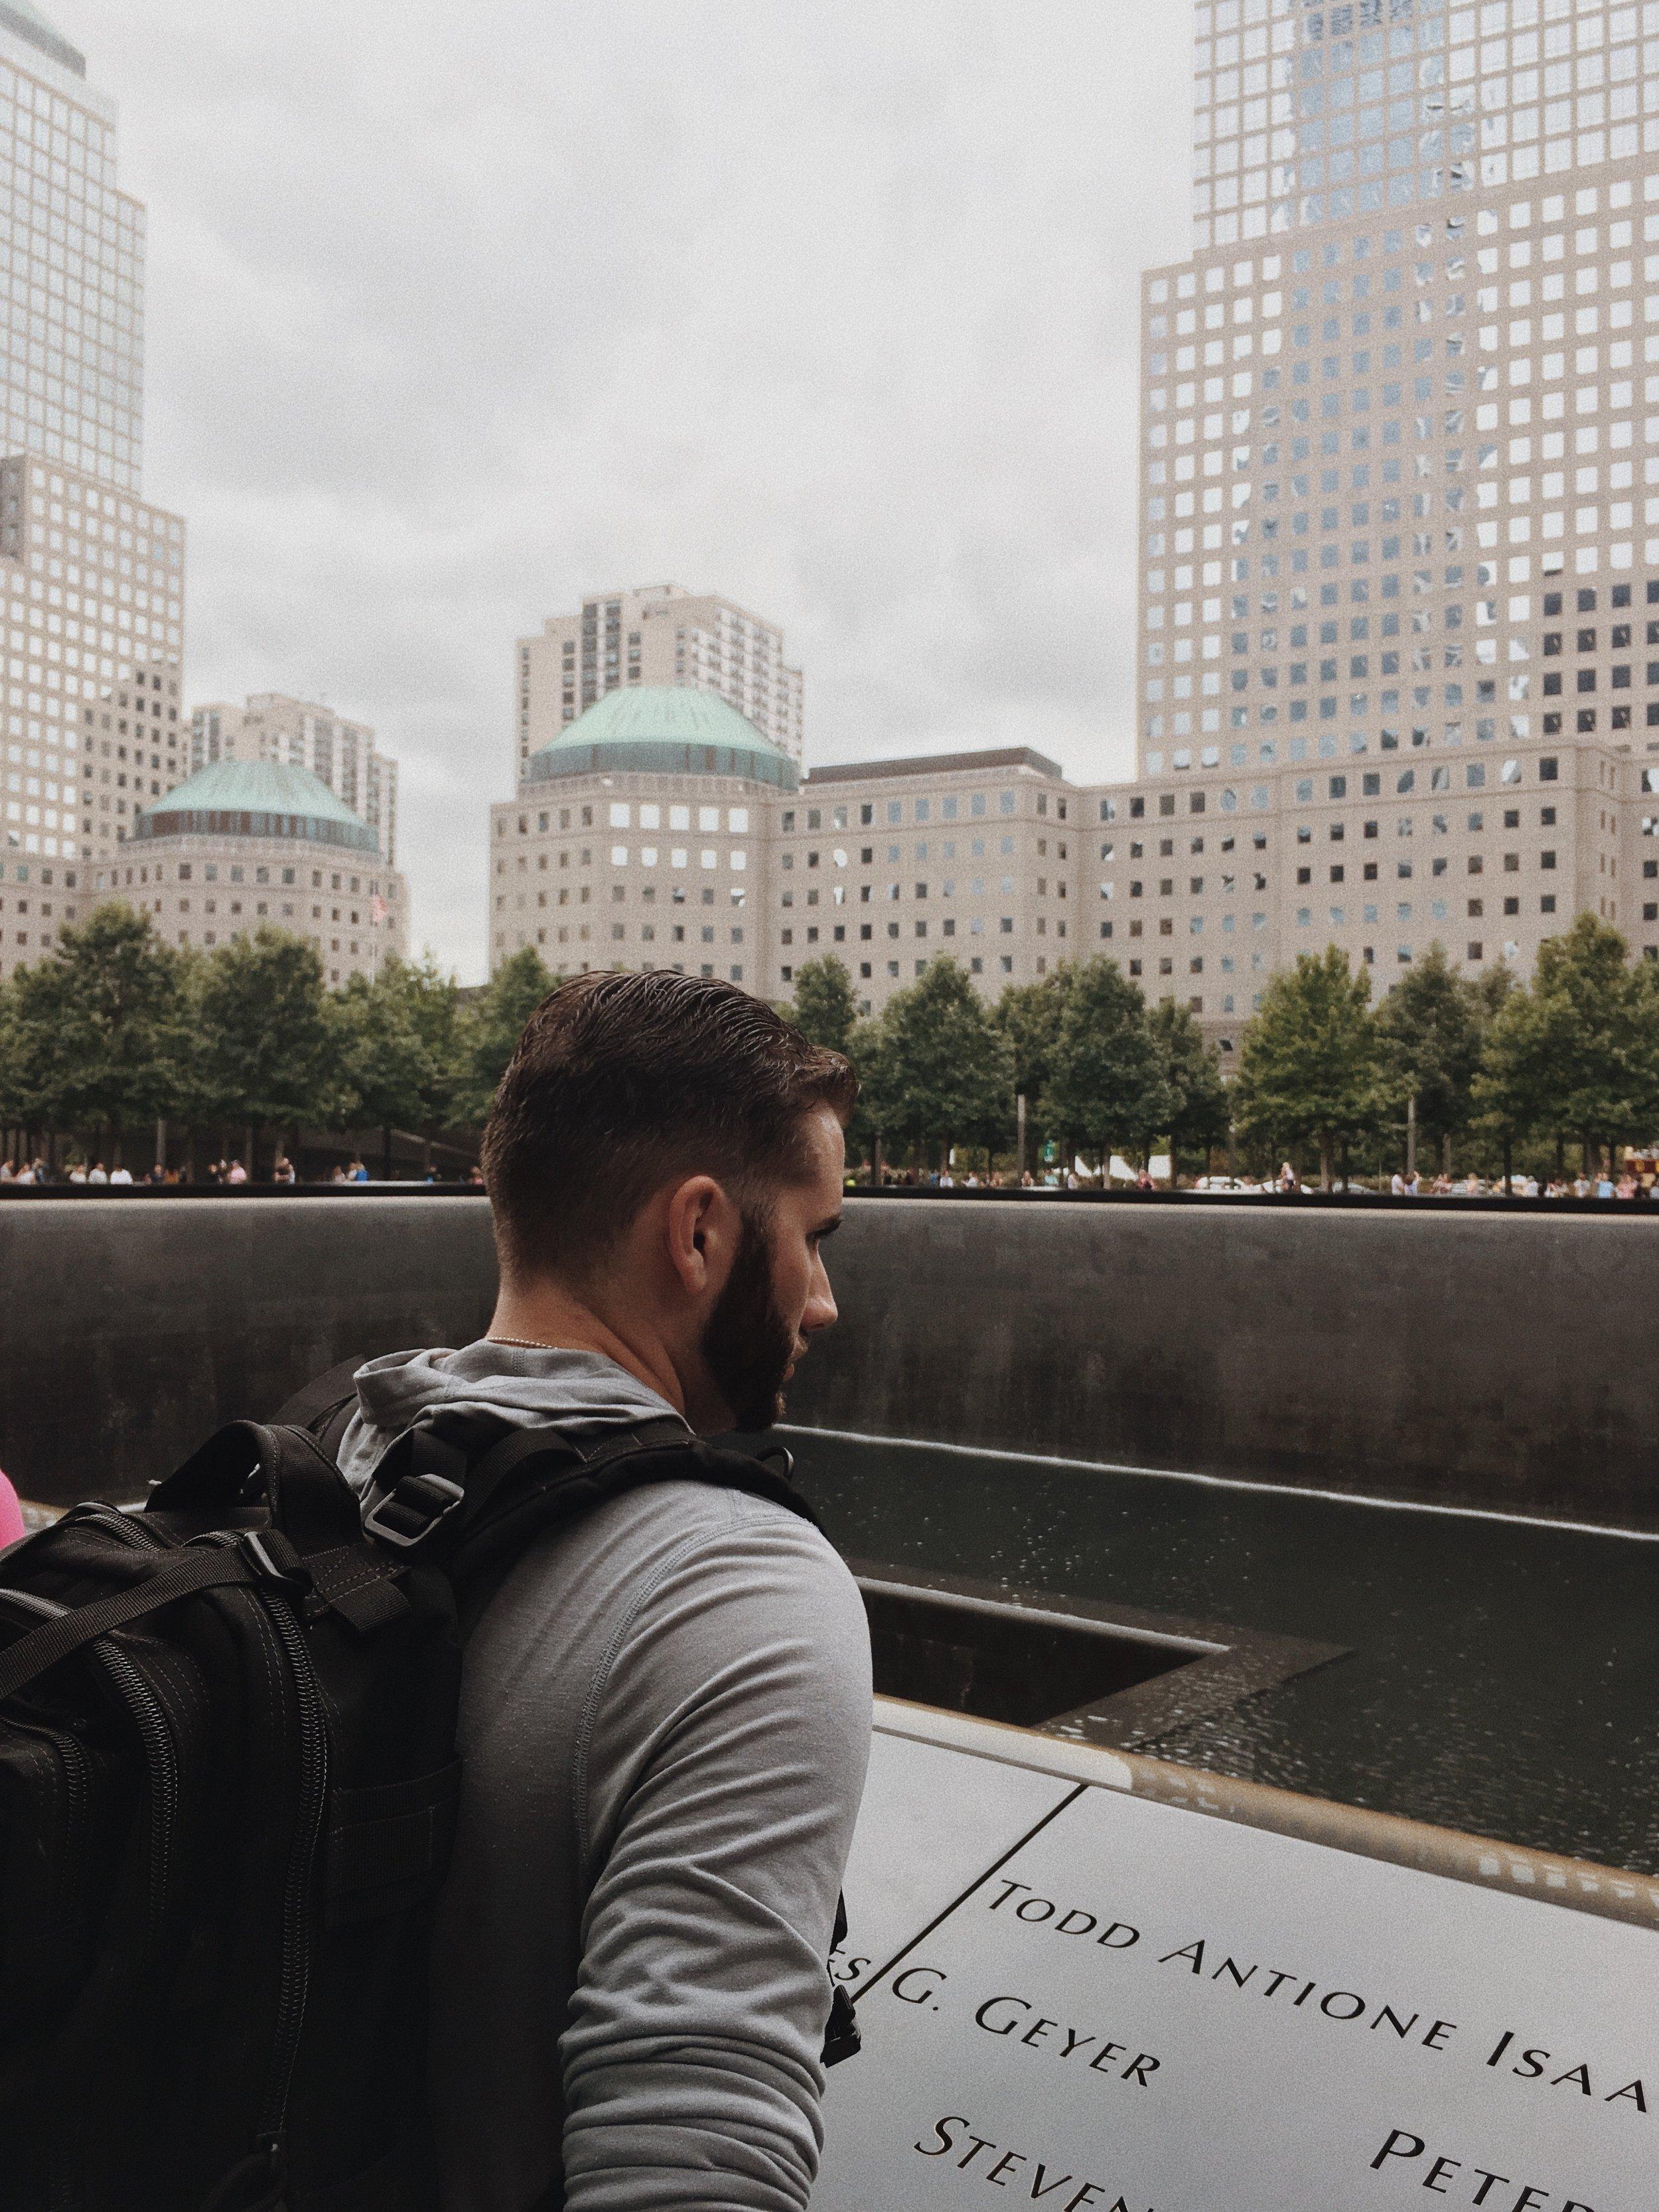 911 Memorial in Manhattan New York